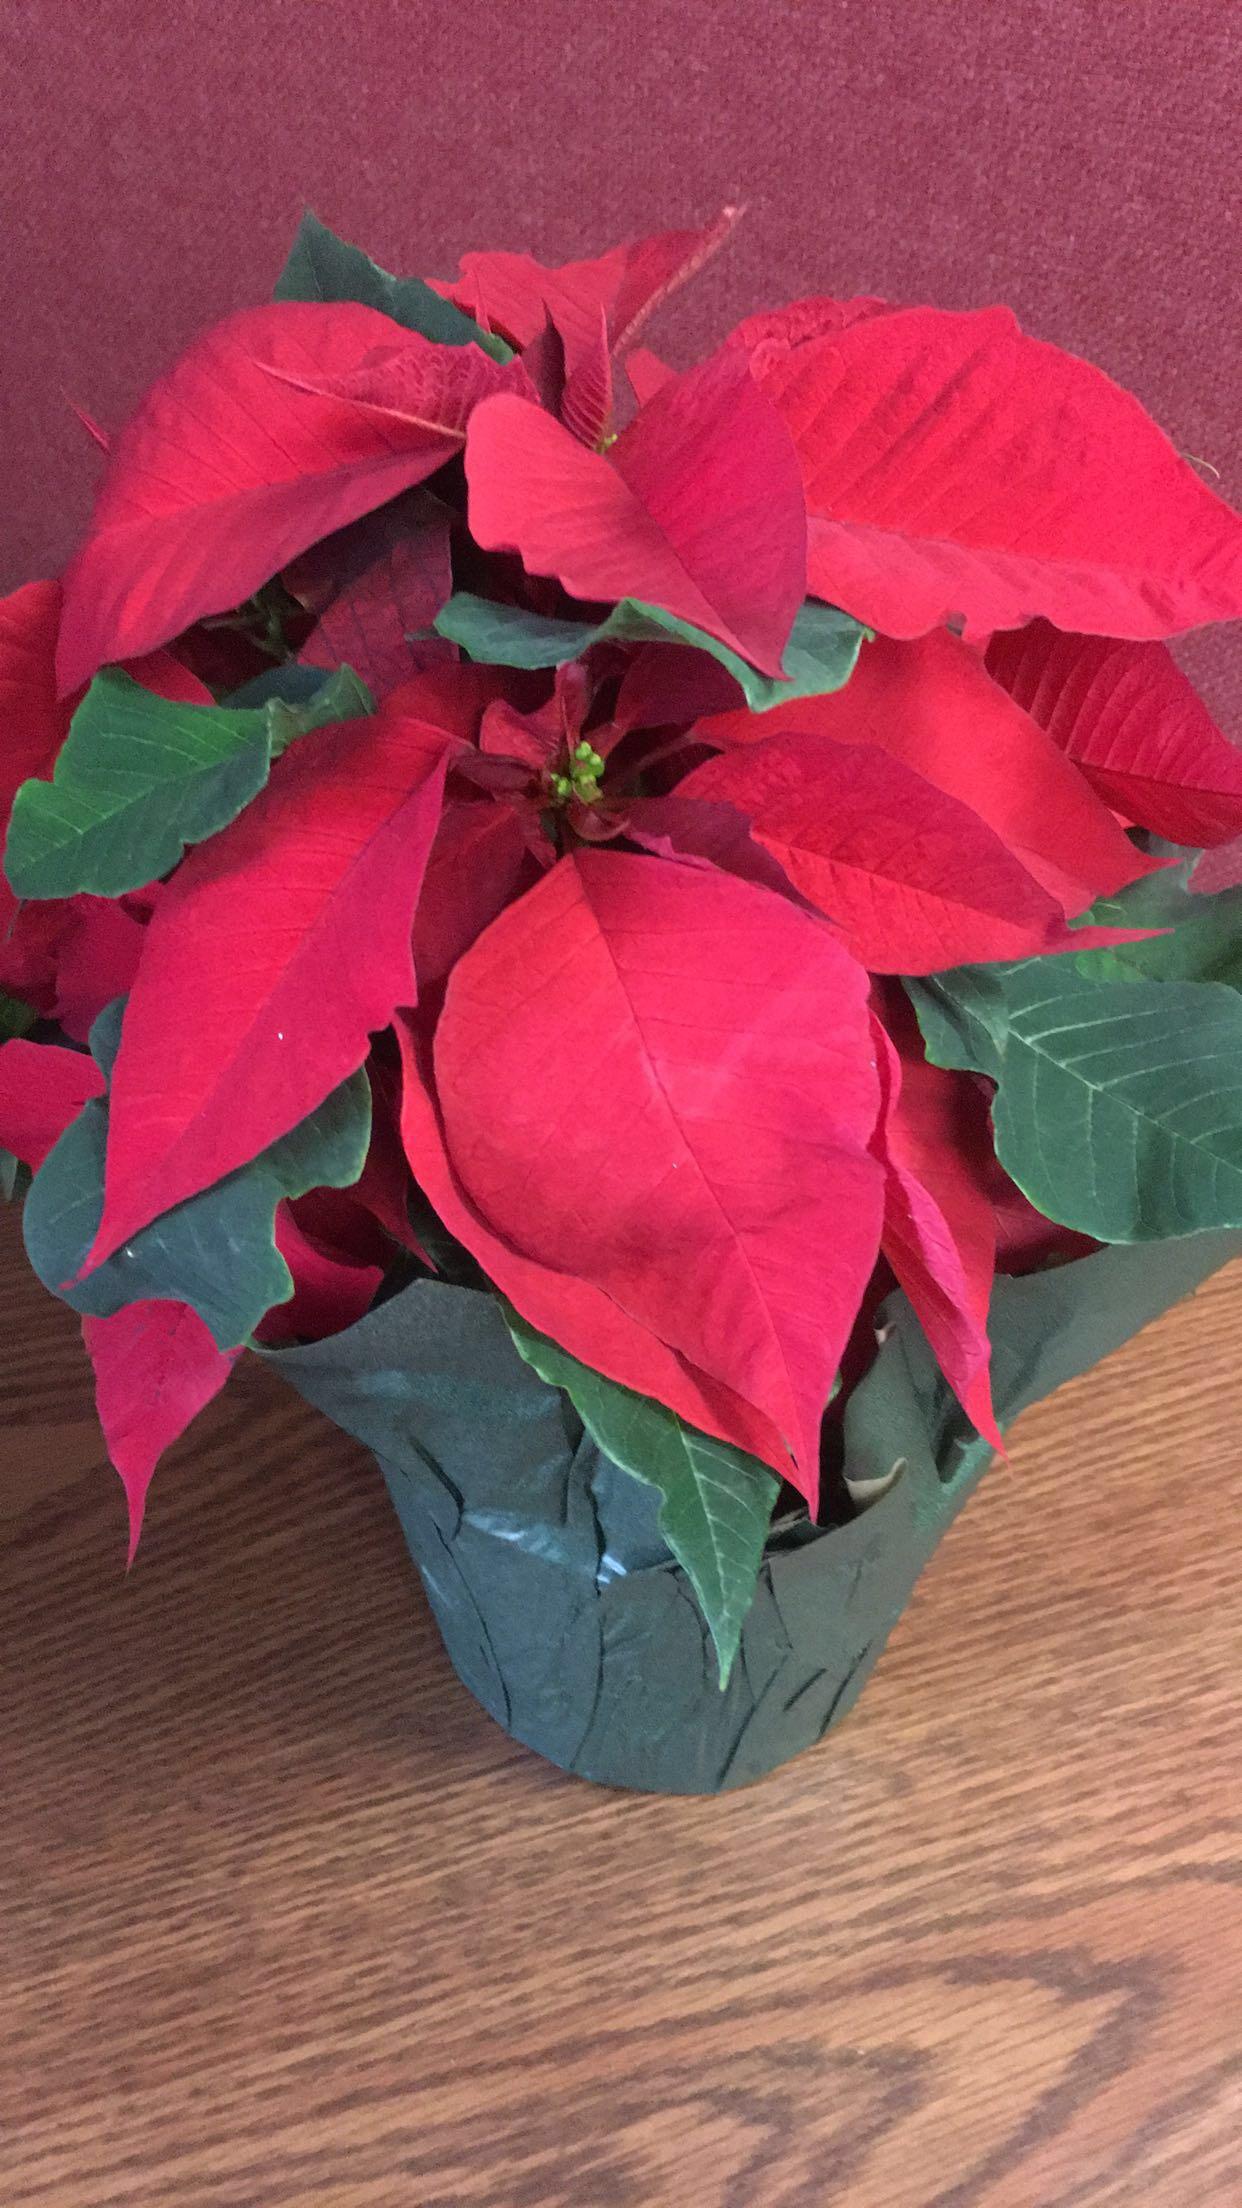 The Career Academy Grows Poinsettias for the Holiday Season